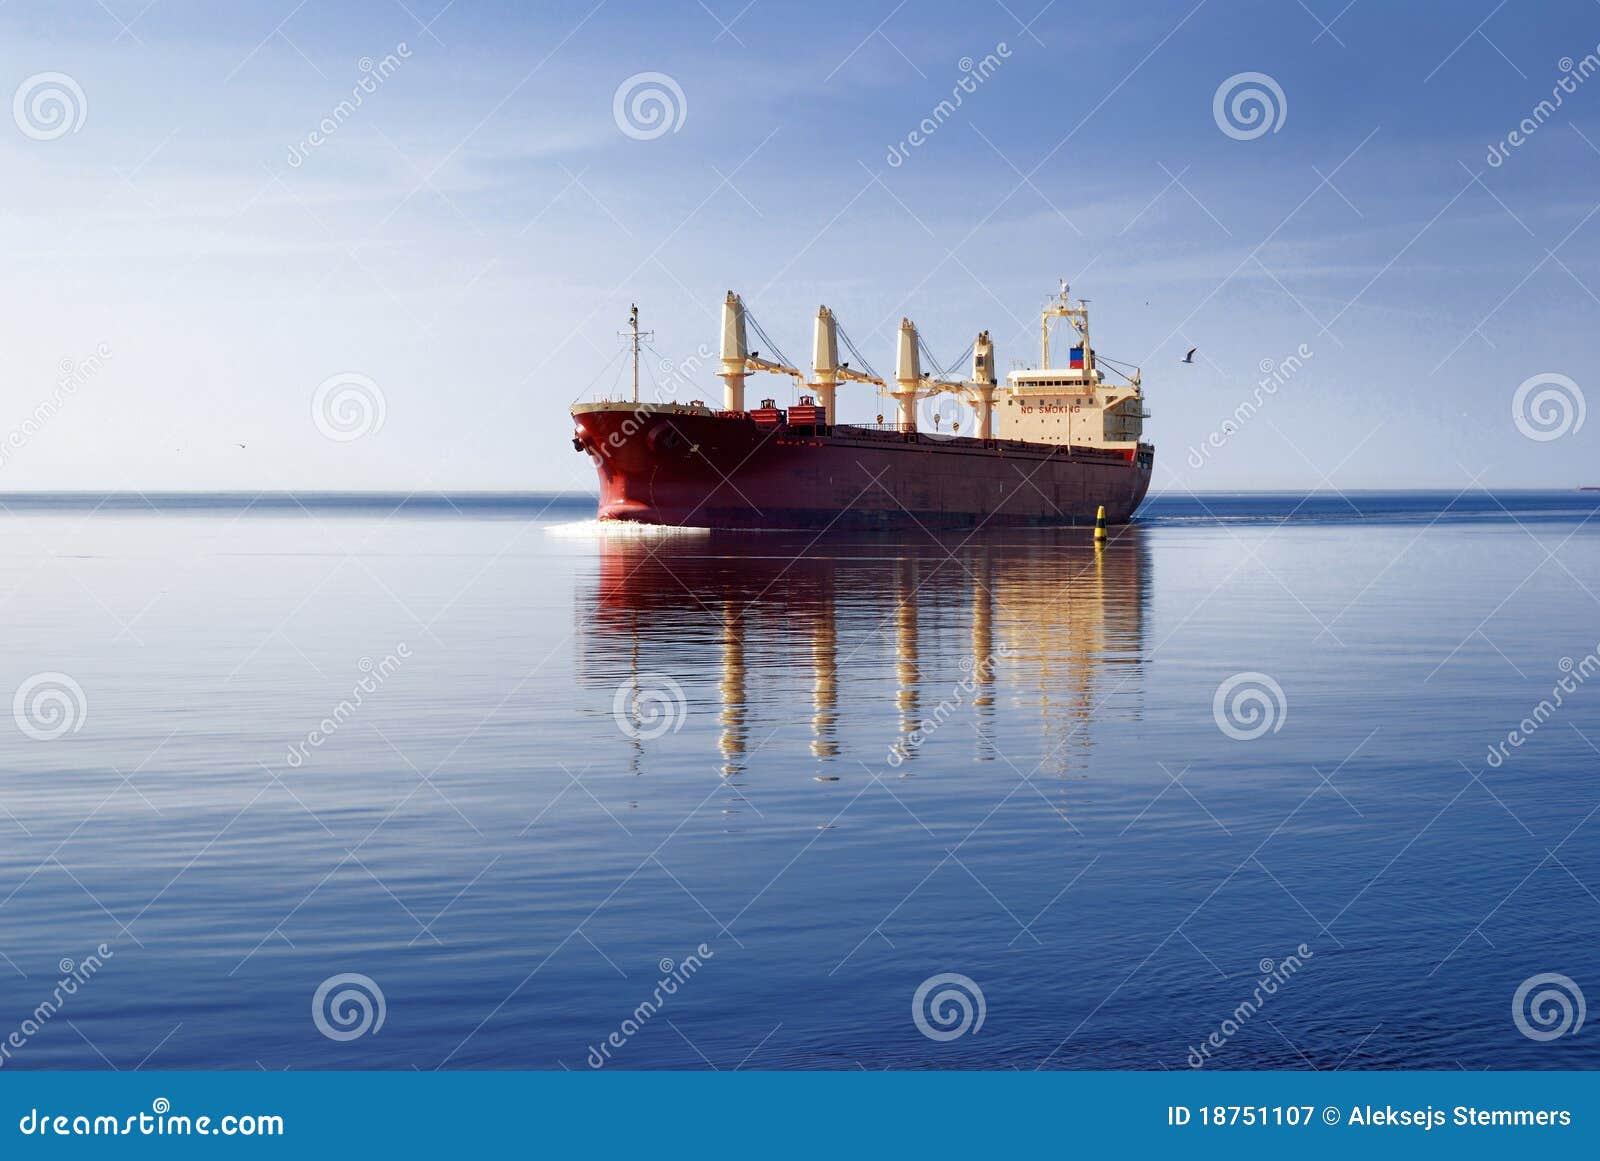 Navegación del buque de carga en agua inmóvil